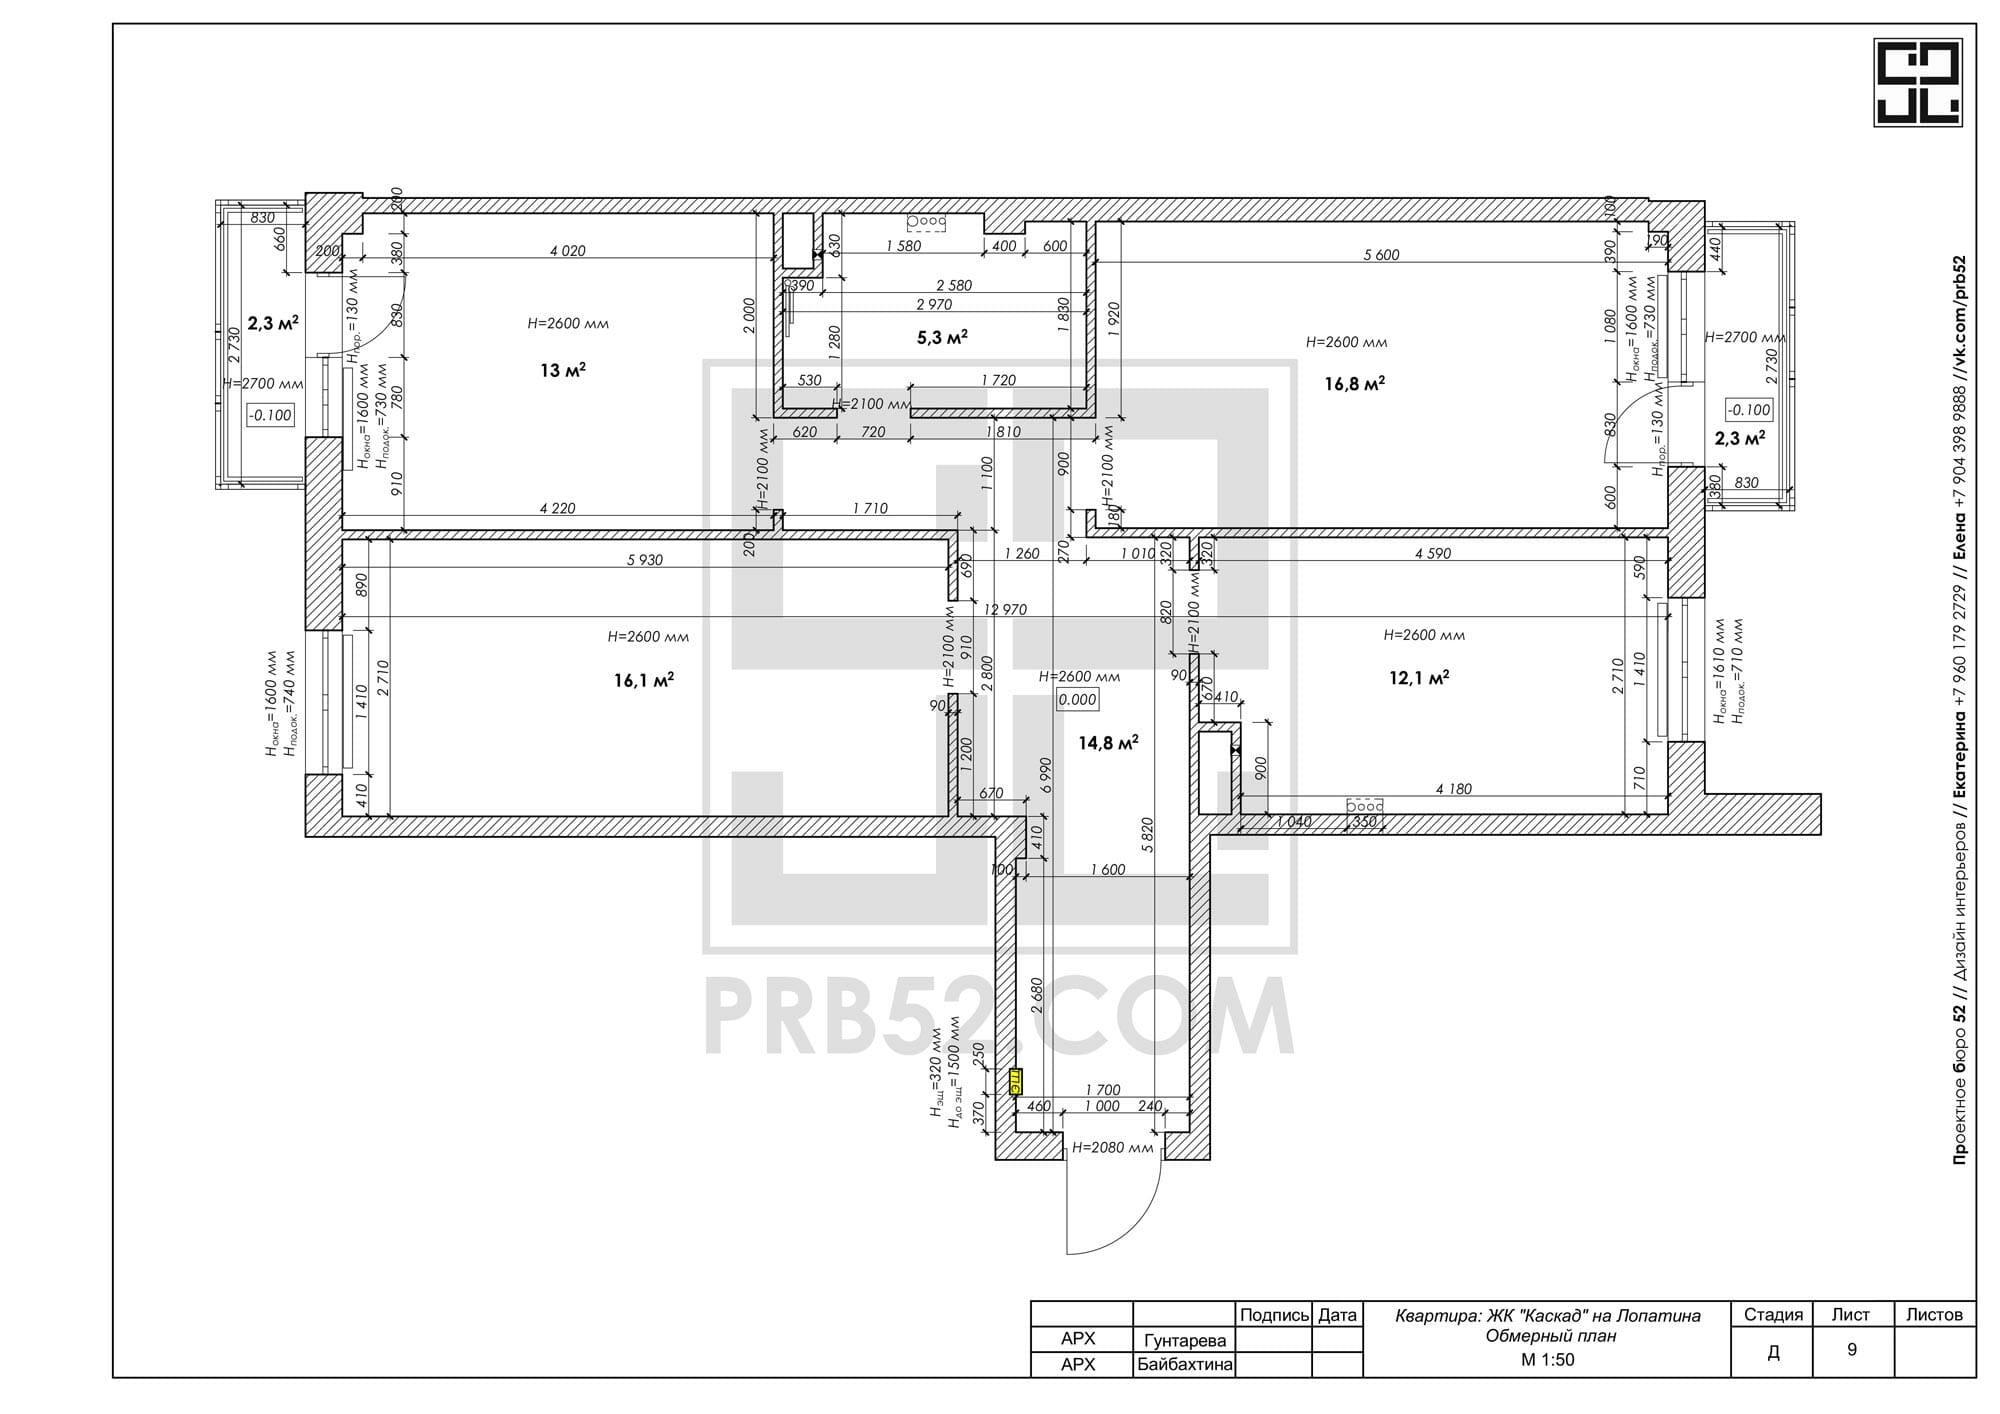 дизайн интерьера планы обмеров квартиры